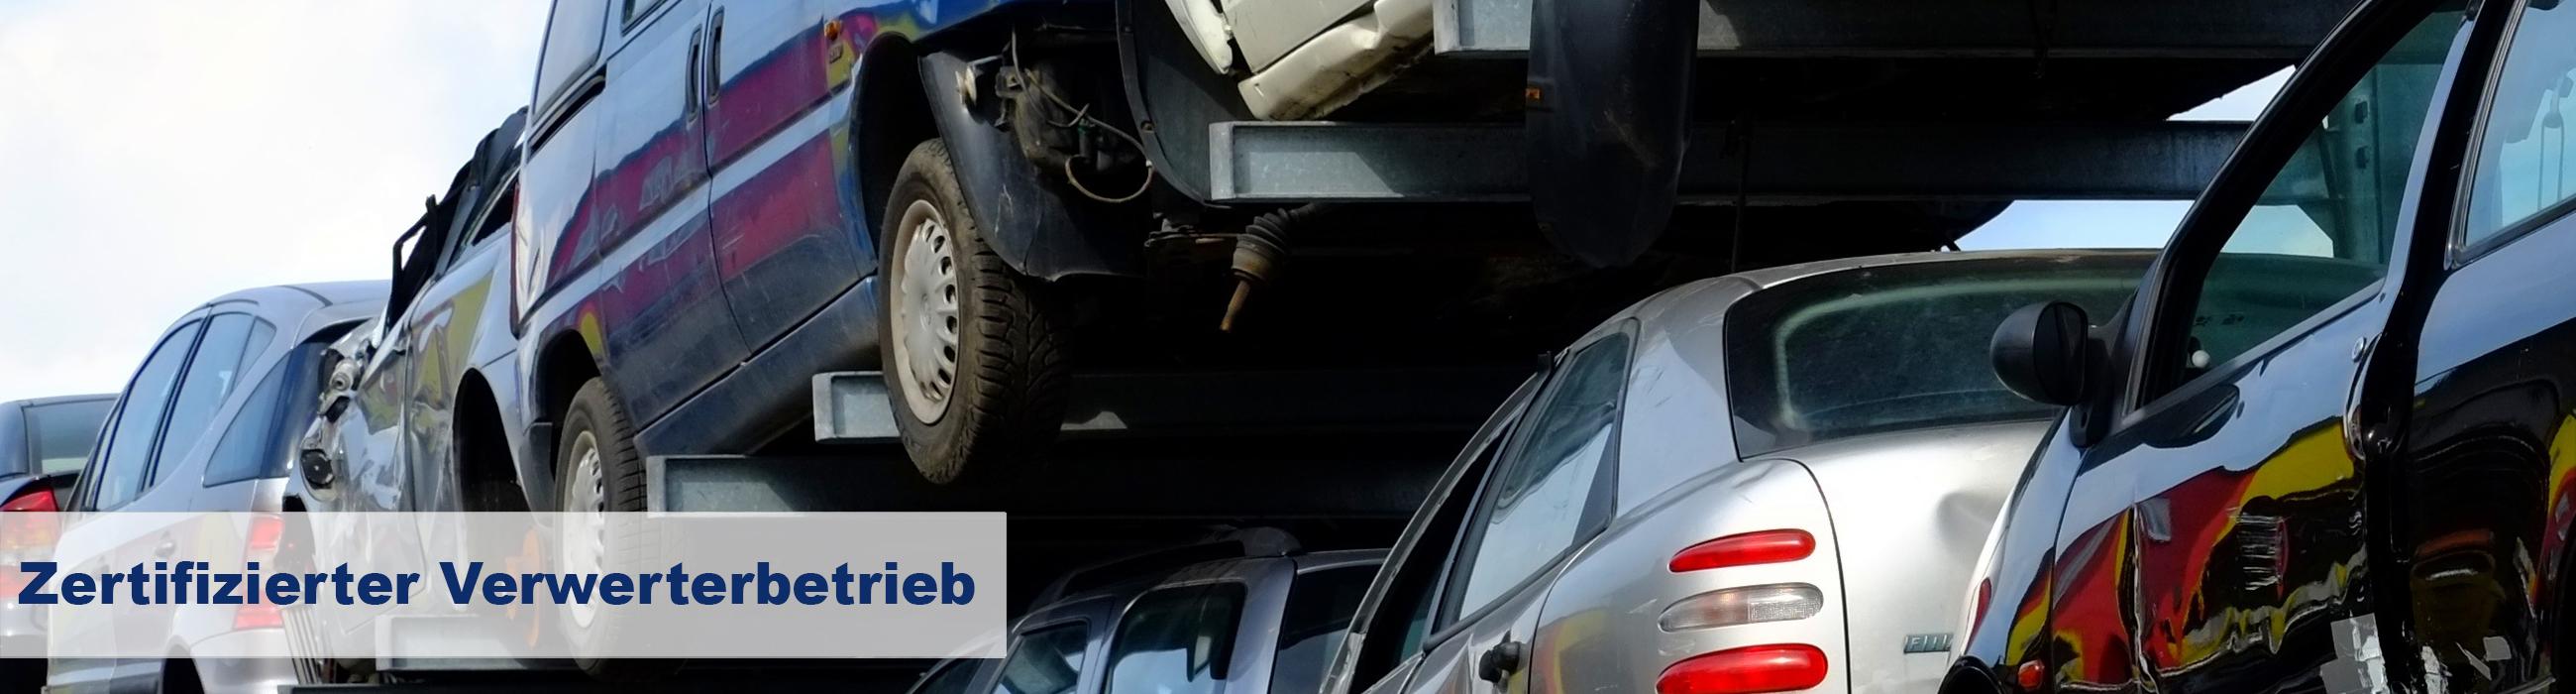 Autoverwertung, Verwerterbetrieb nach §4 Abs. 2 der Altautoverordnung